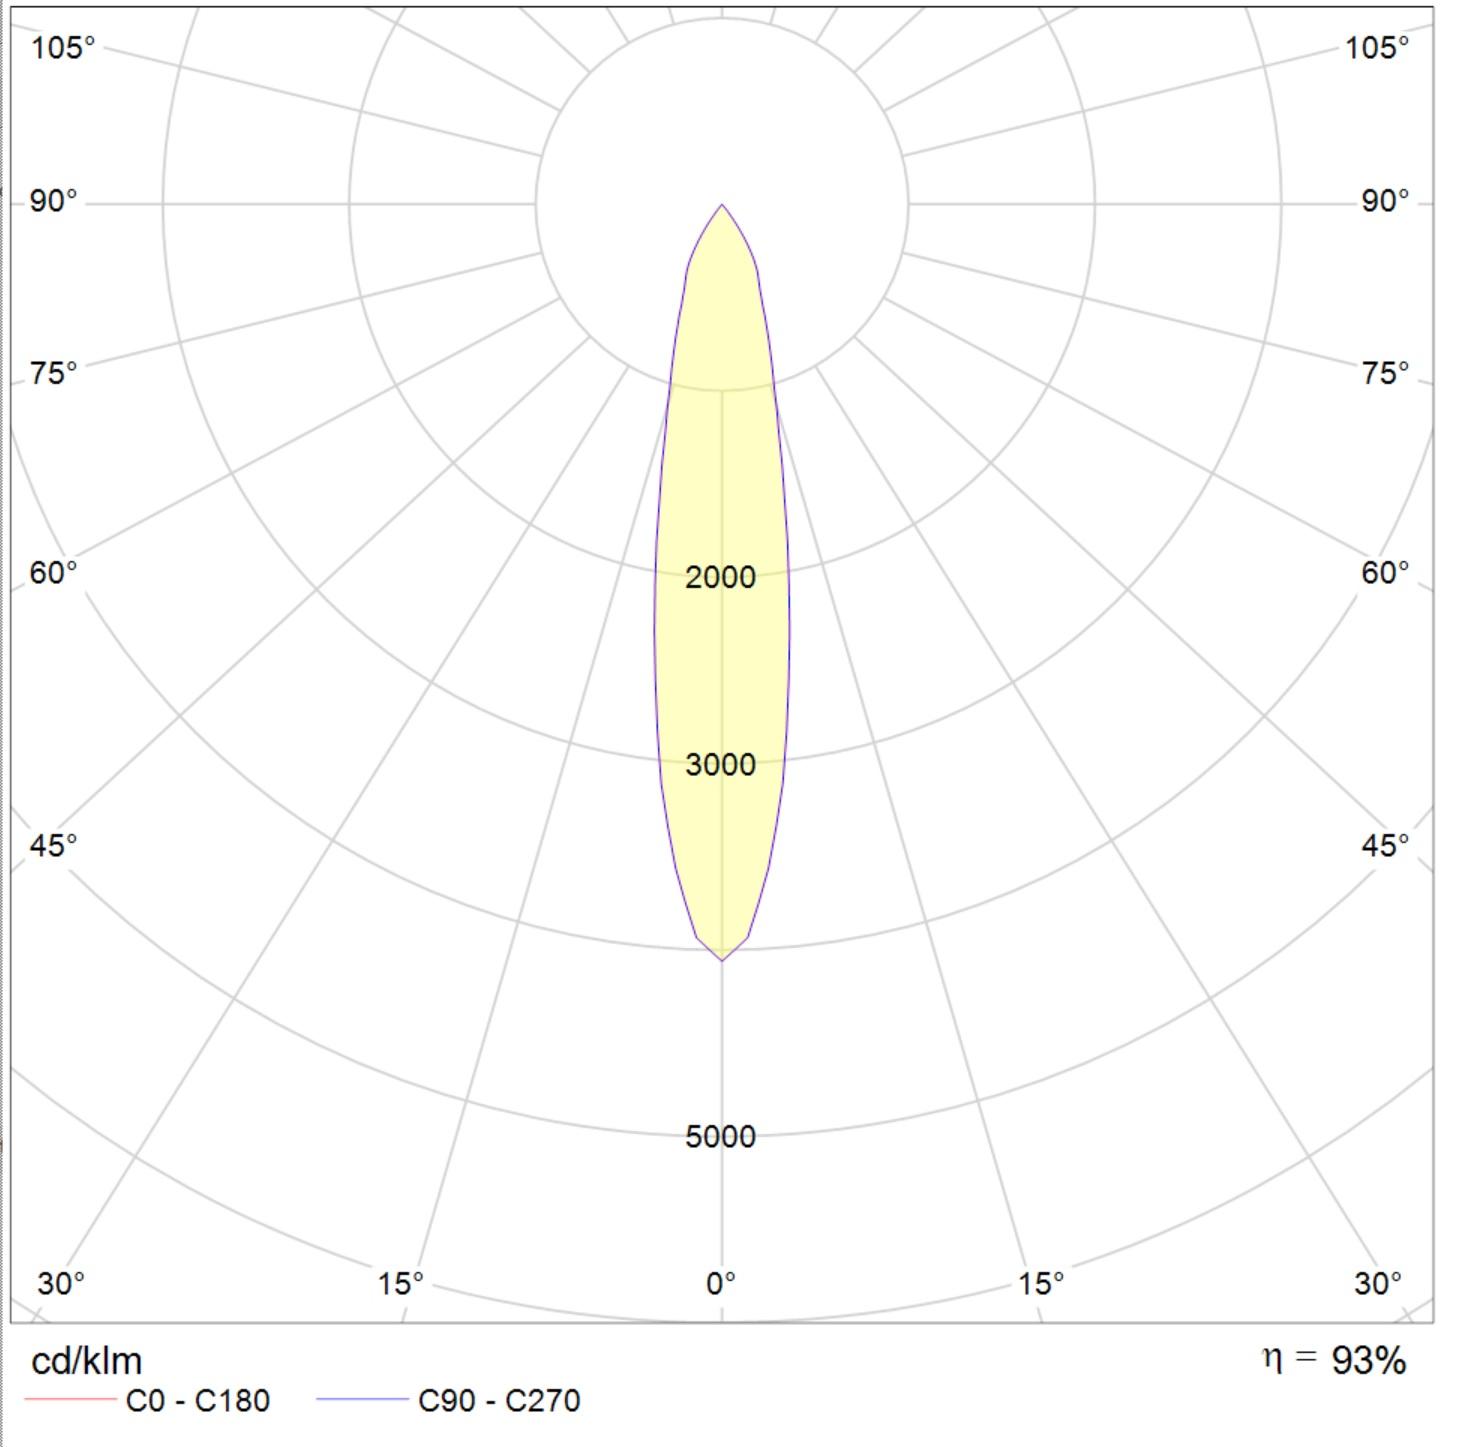 ZONE 1. Sienna trim LED IP54 Adj downlight 9w